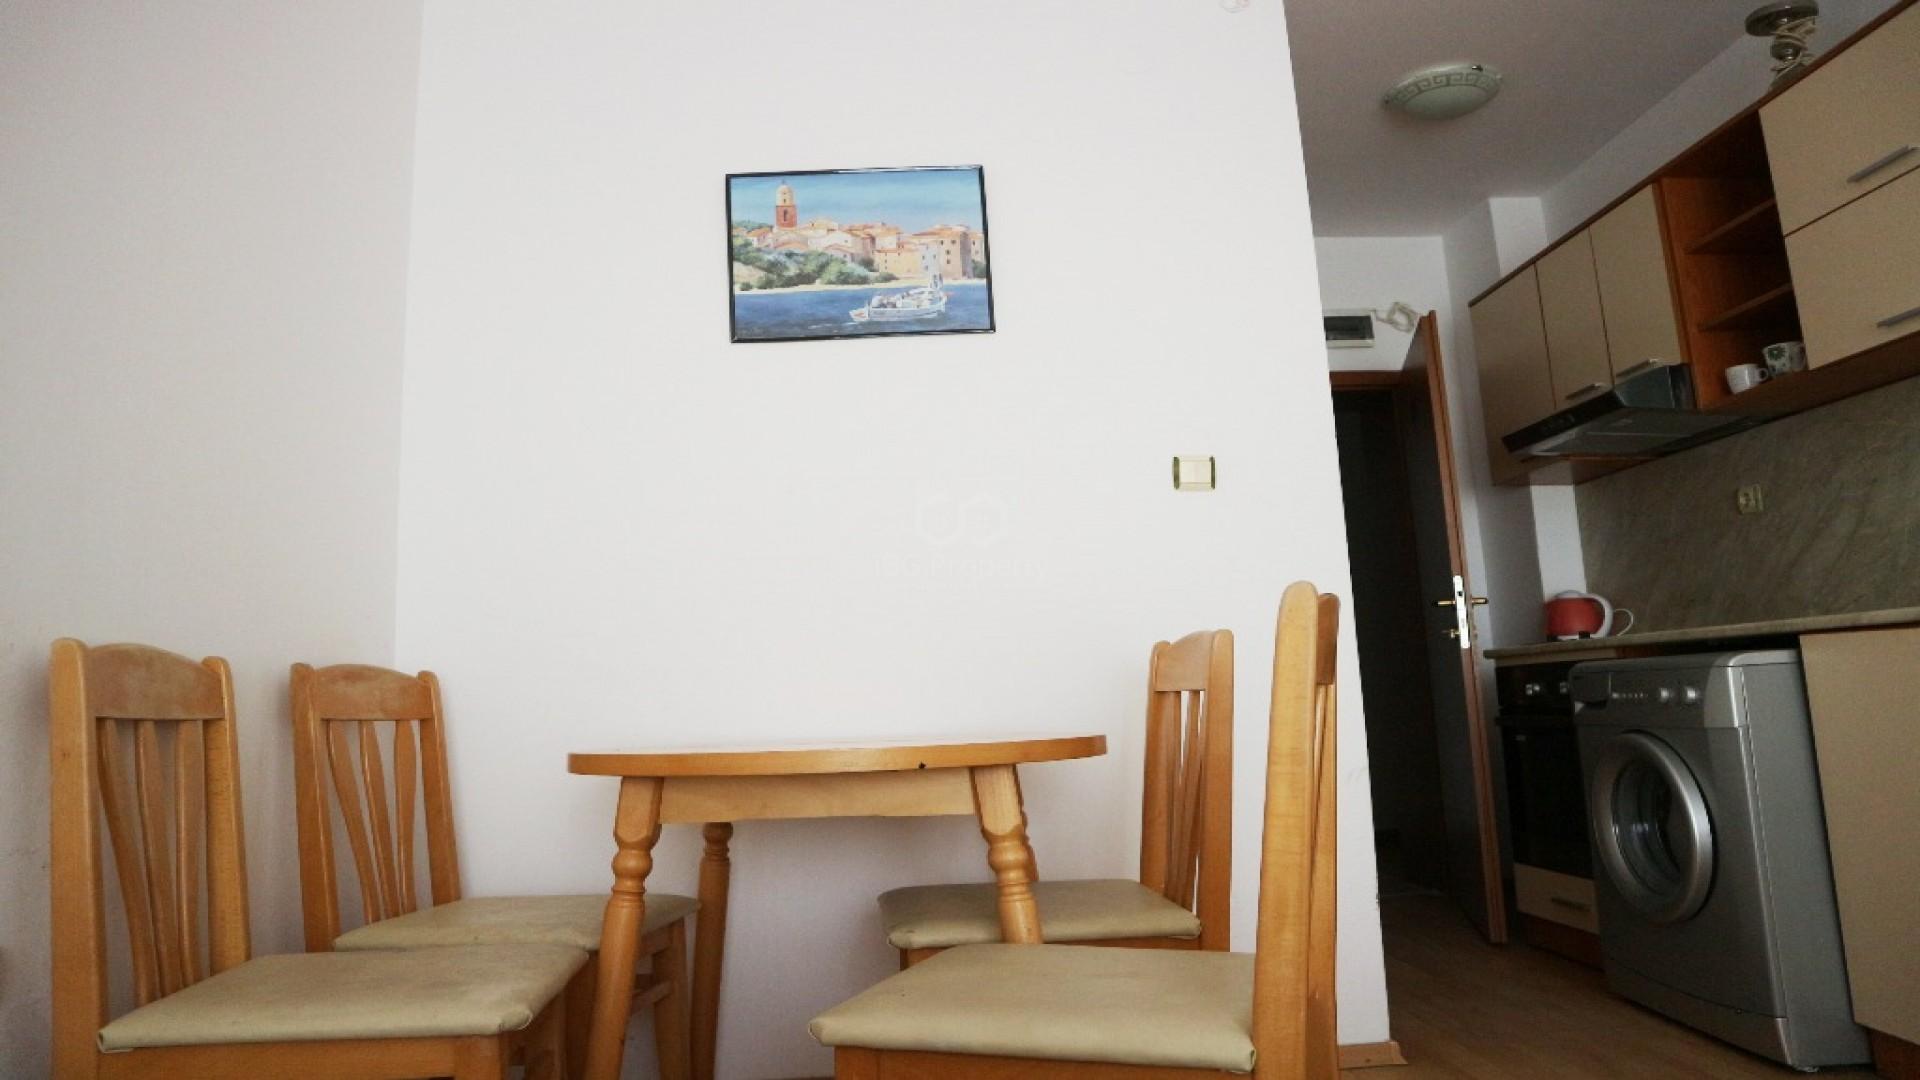 Однокомнатная квартира Слънчев Бряг 31 m2